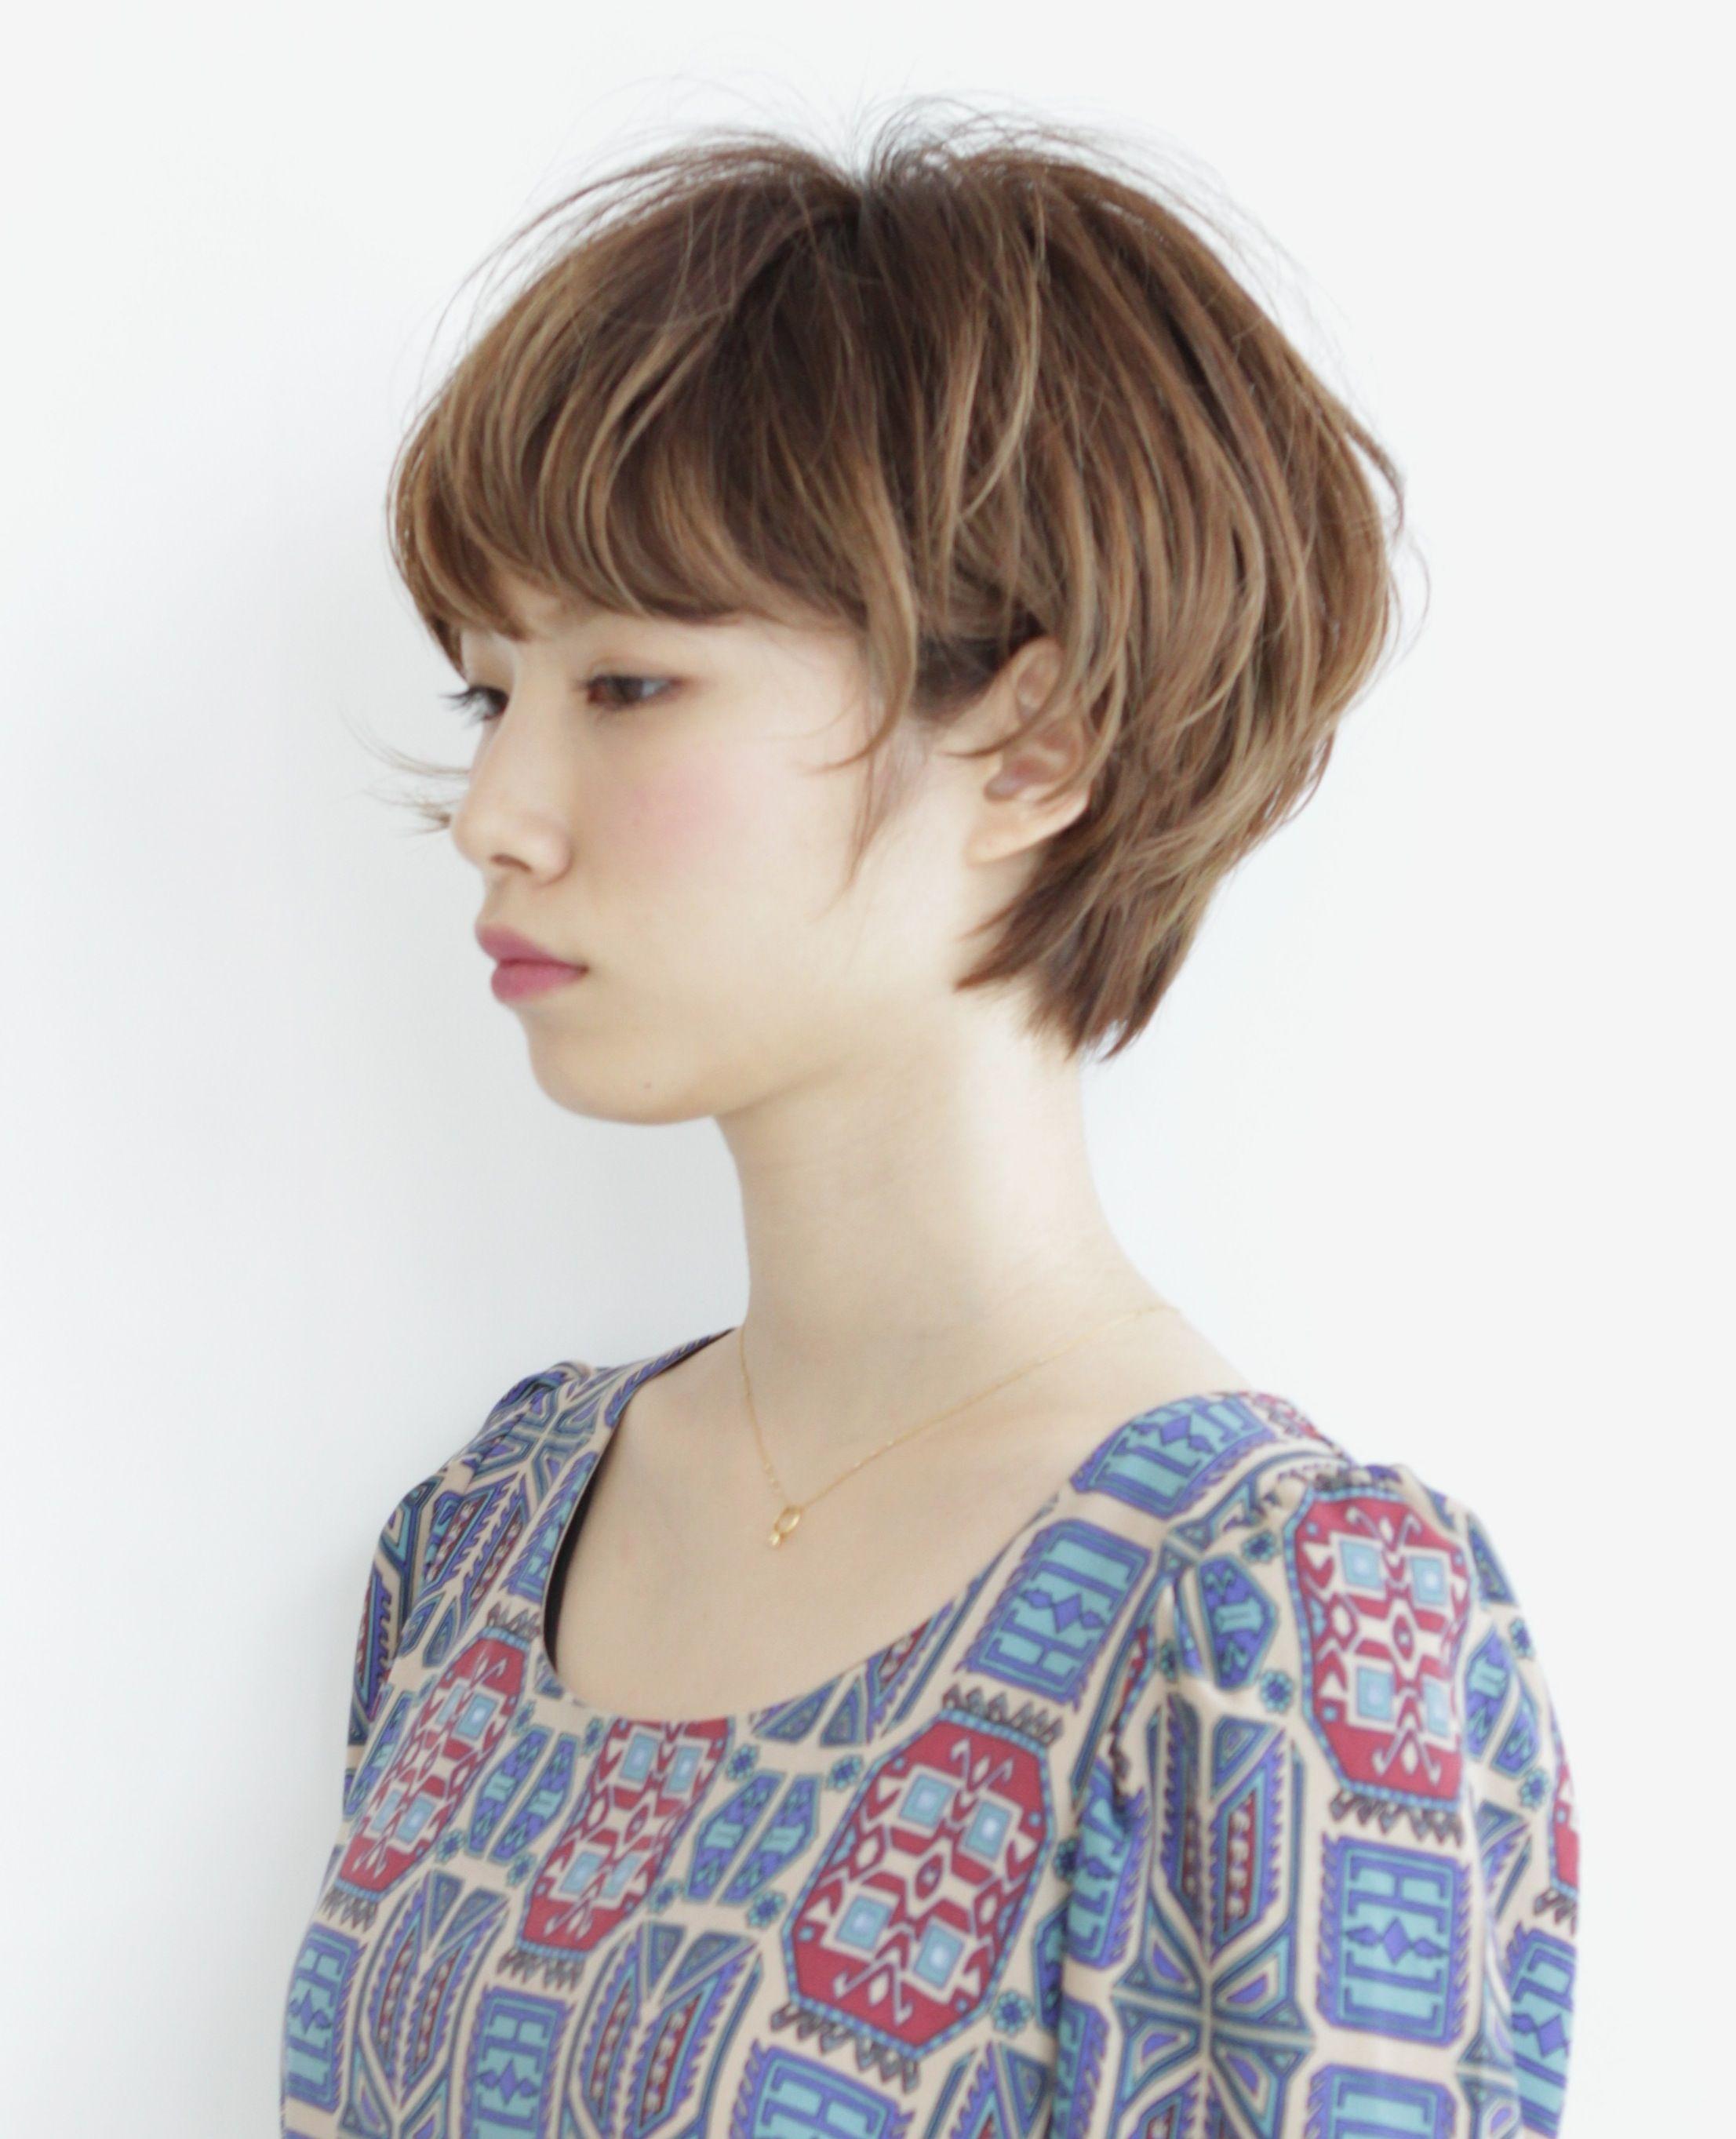 ニュアンス゠ームショートボブ ヘアスタイム゠タログ é ªåž‹ HAIRstyle